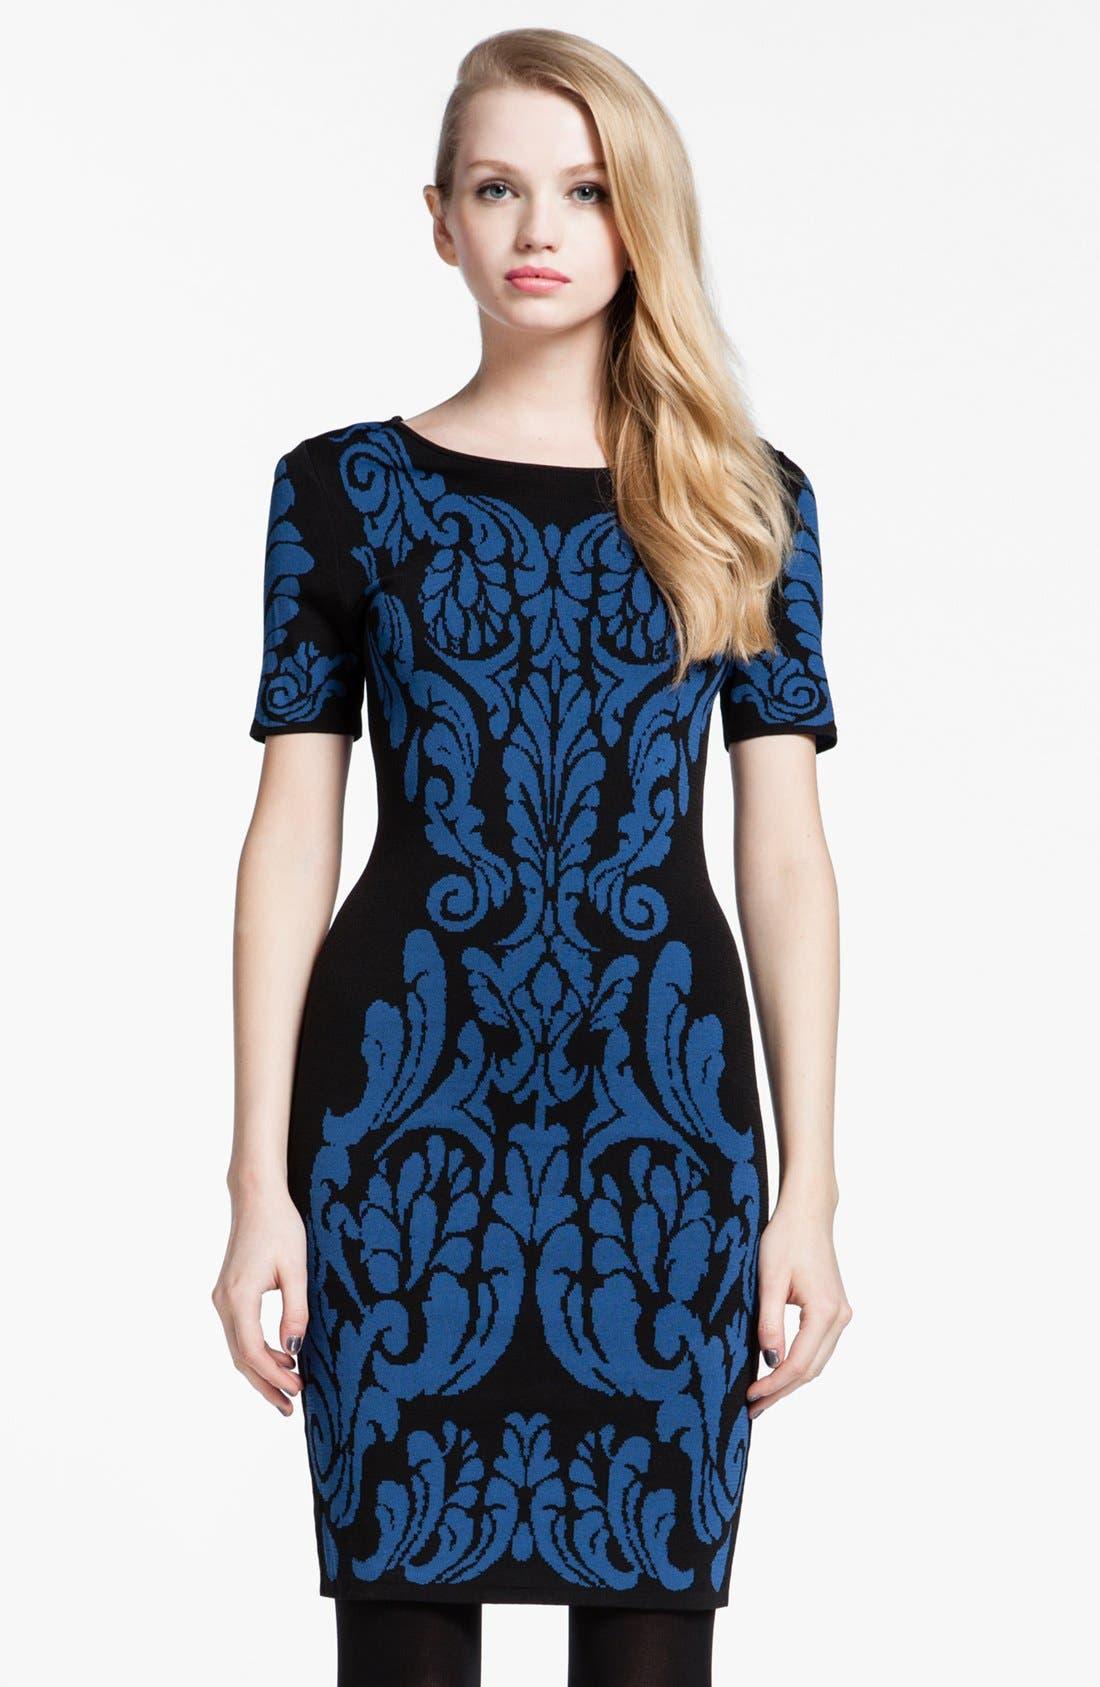 Main Image - Cynthia Steffe 'Briella' Patterned Sweater Dress